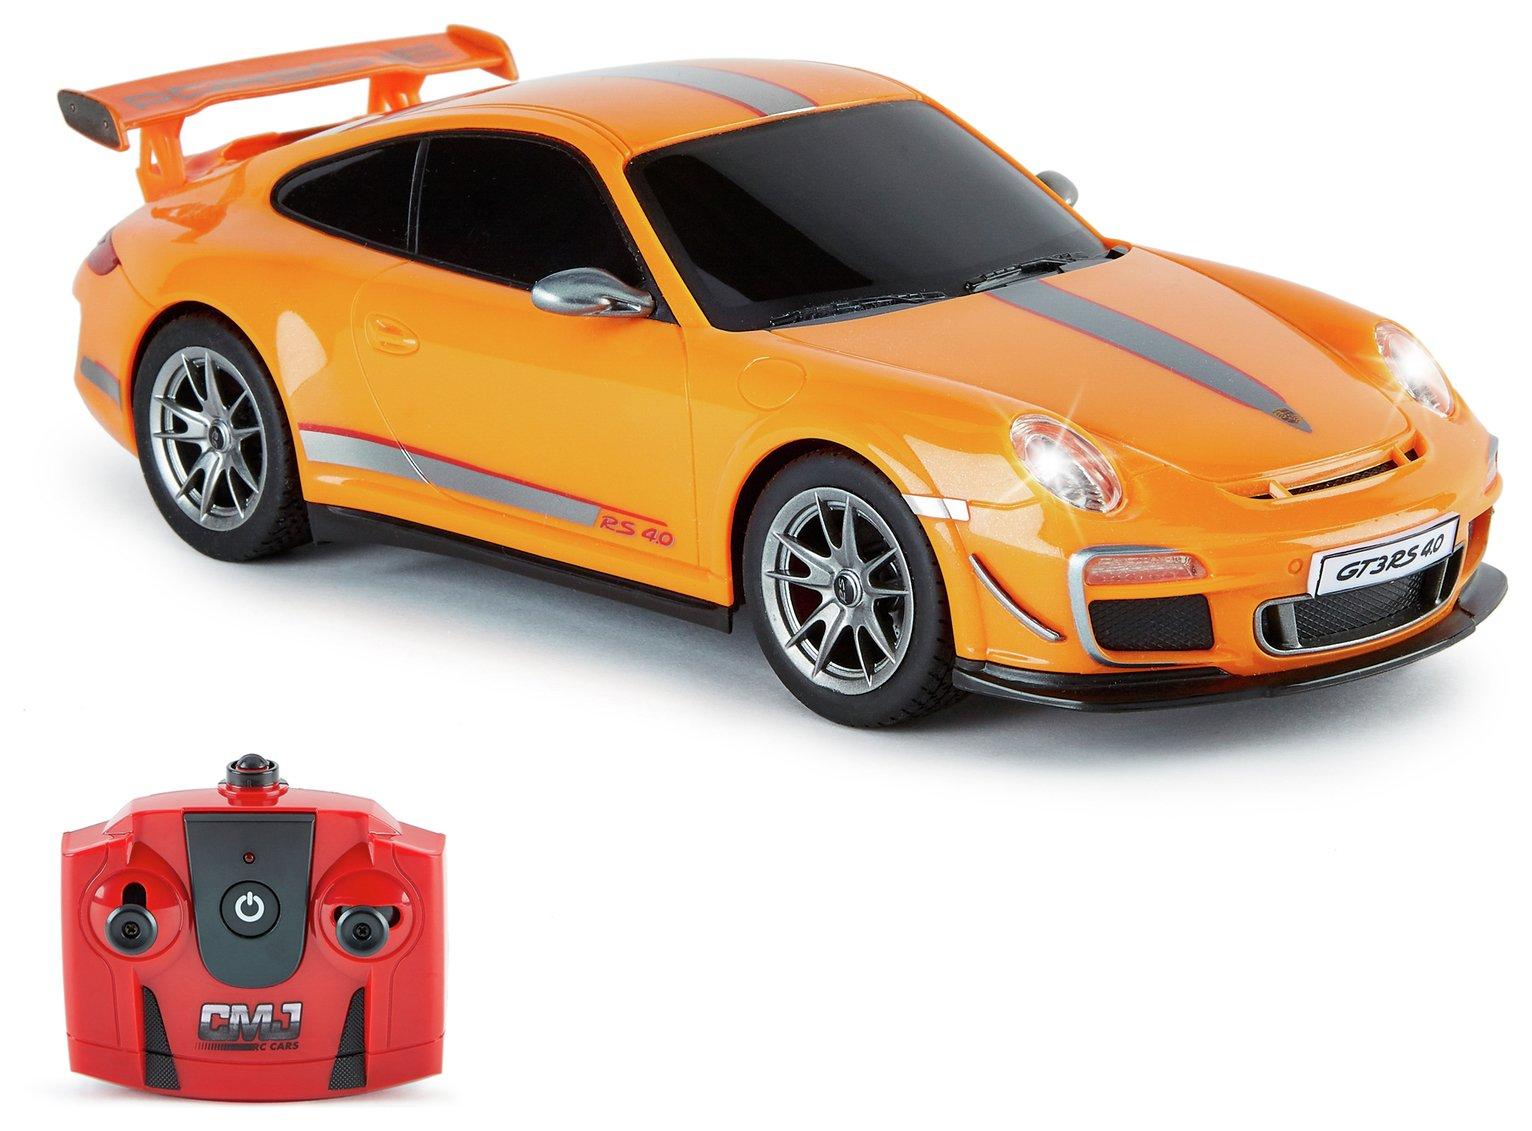 Radio Controlled Porsche 911 Scale 1:18 - Orange 2.4GHZ